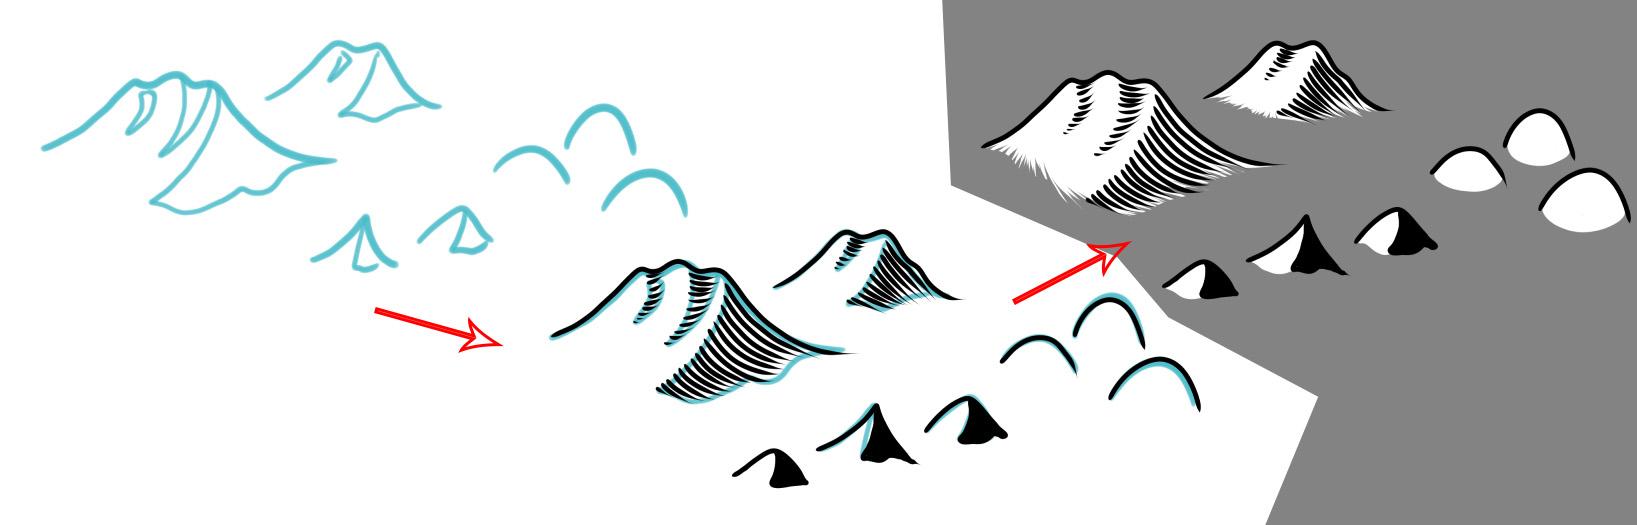 Diferentes pasos para la creación de un pincel.